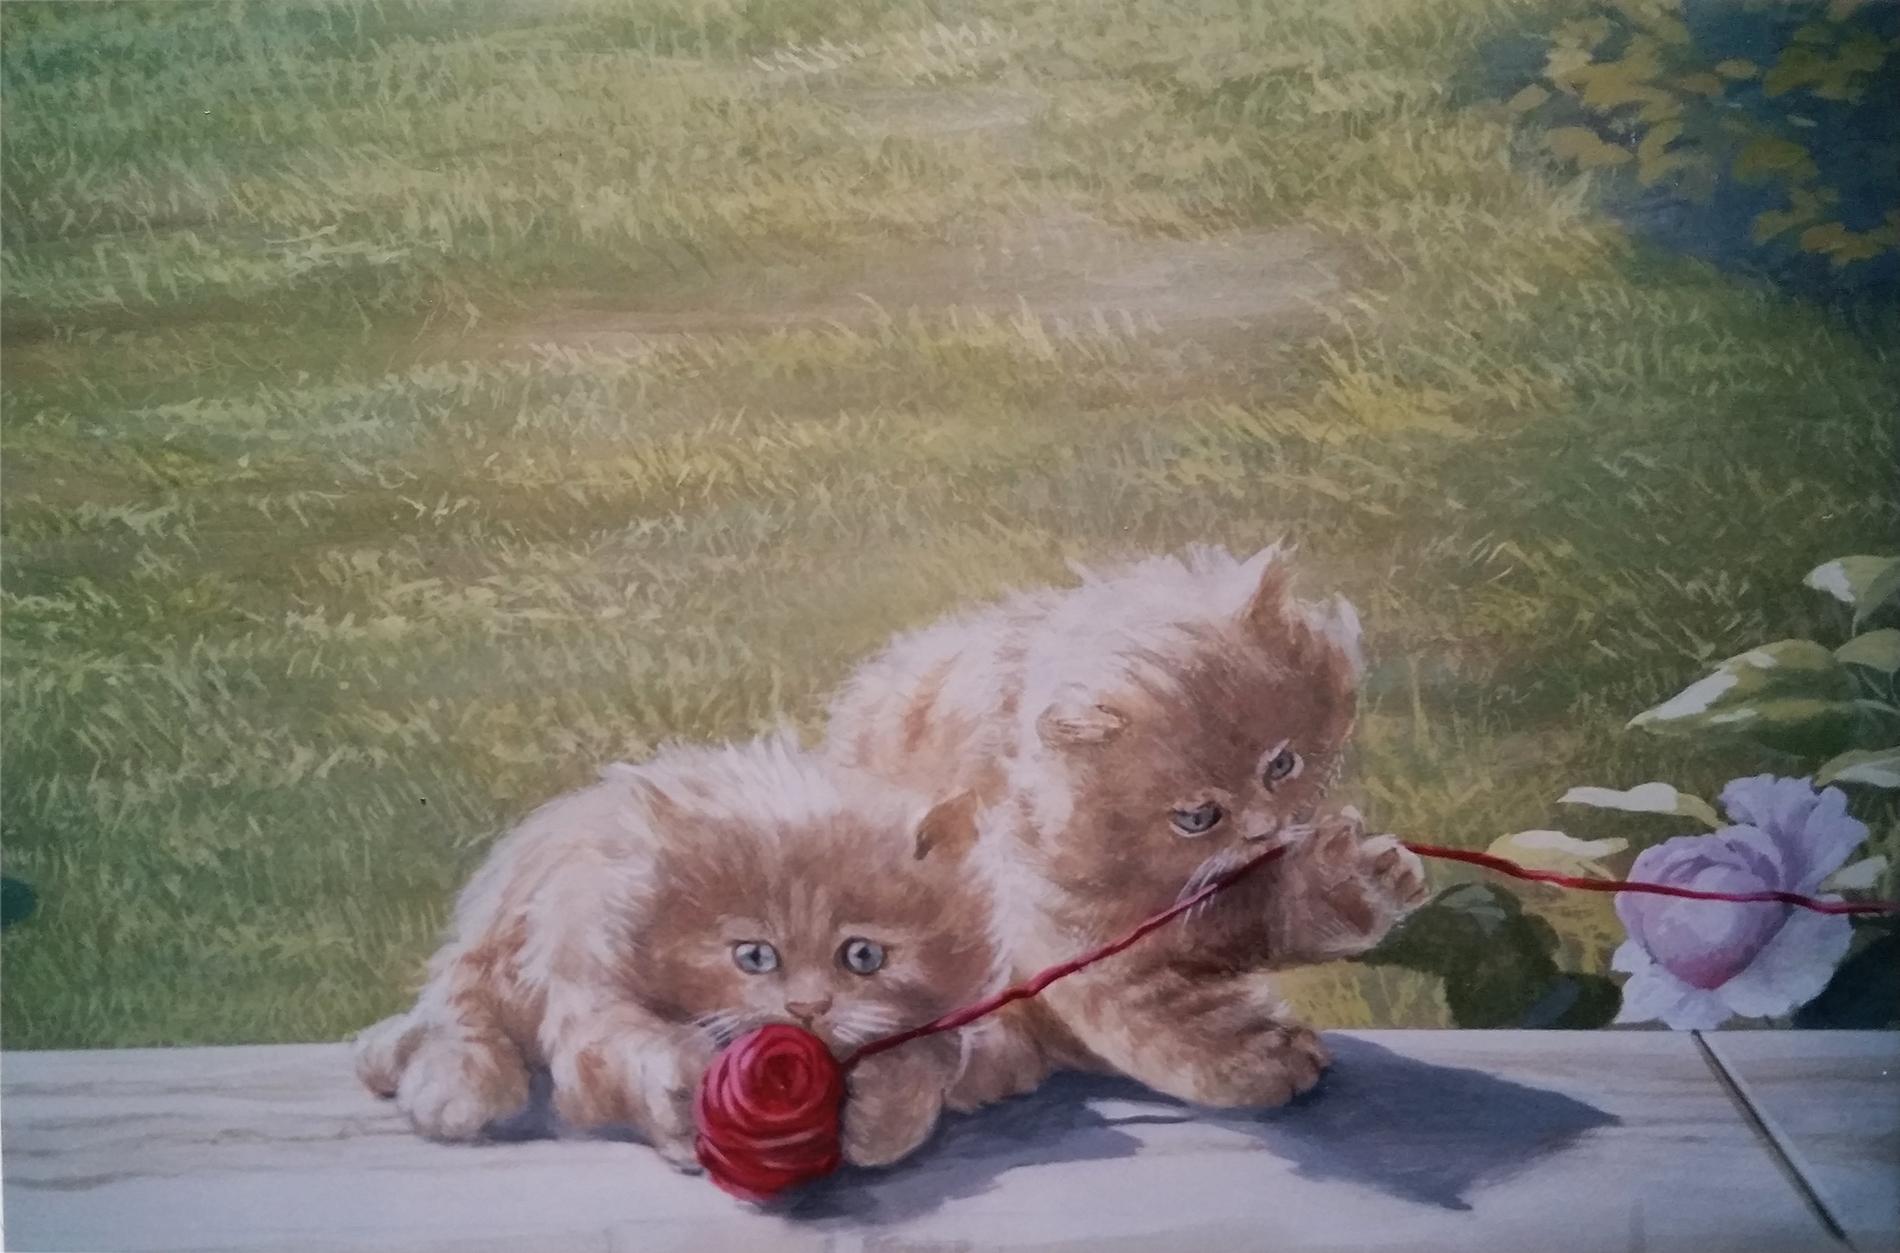 trompe l'oeil per la stanza di un bambino, trompe l'oeil per showroom, trompe l'oeil sala cerimonie, acrilico su tela, decorazione con tende di seta giardino e rose, decorazione per alberghi, decorazione per ristoranti, trompe l'oeil con giardino fiorito e gatti, trompe l'oeil con giardino e gatti, trompe l'oeil con veduta romantica, trompe l'oeil decorato con gatti, trompe l'oeil per showroom, trompe l'oeil su parete, trompe l'oeil su tela incollata al muro, trompe l'oeil con giardino, veduta con giardino gatti e rose